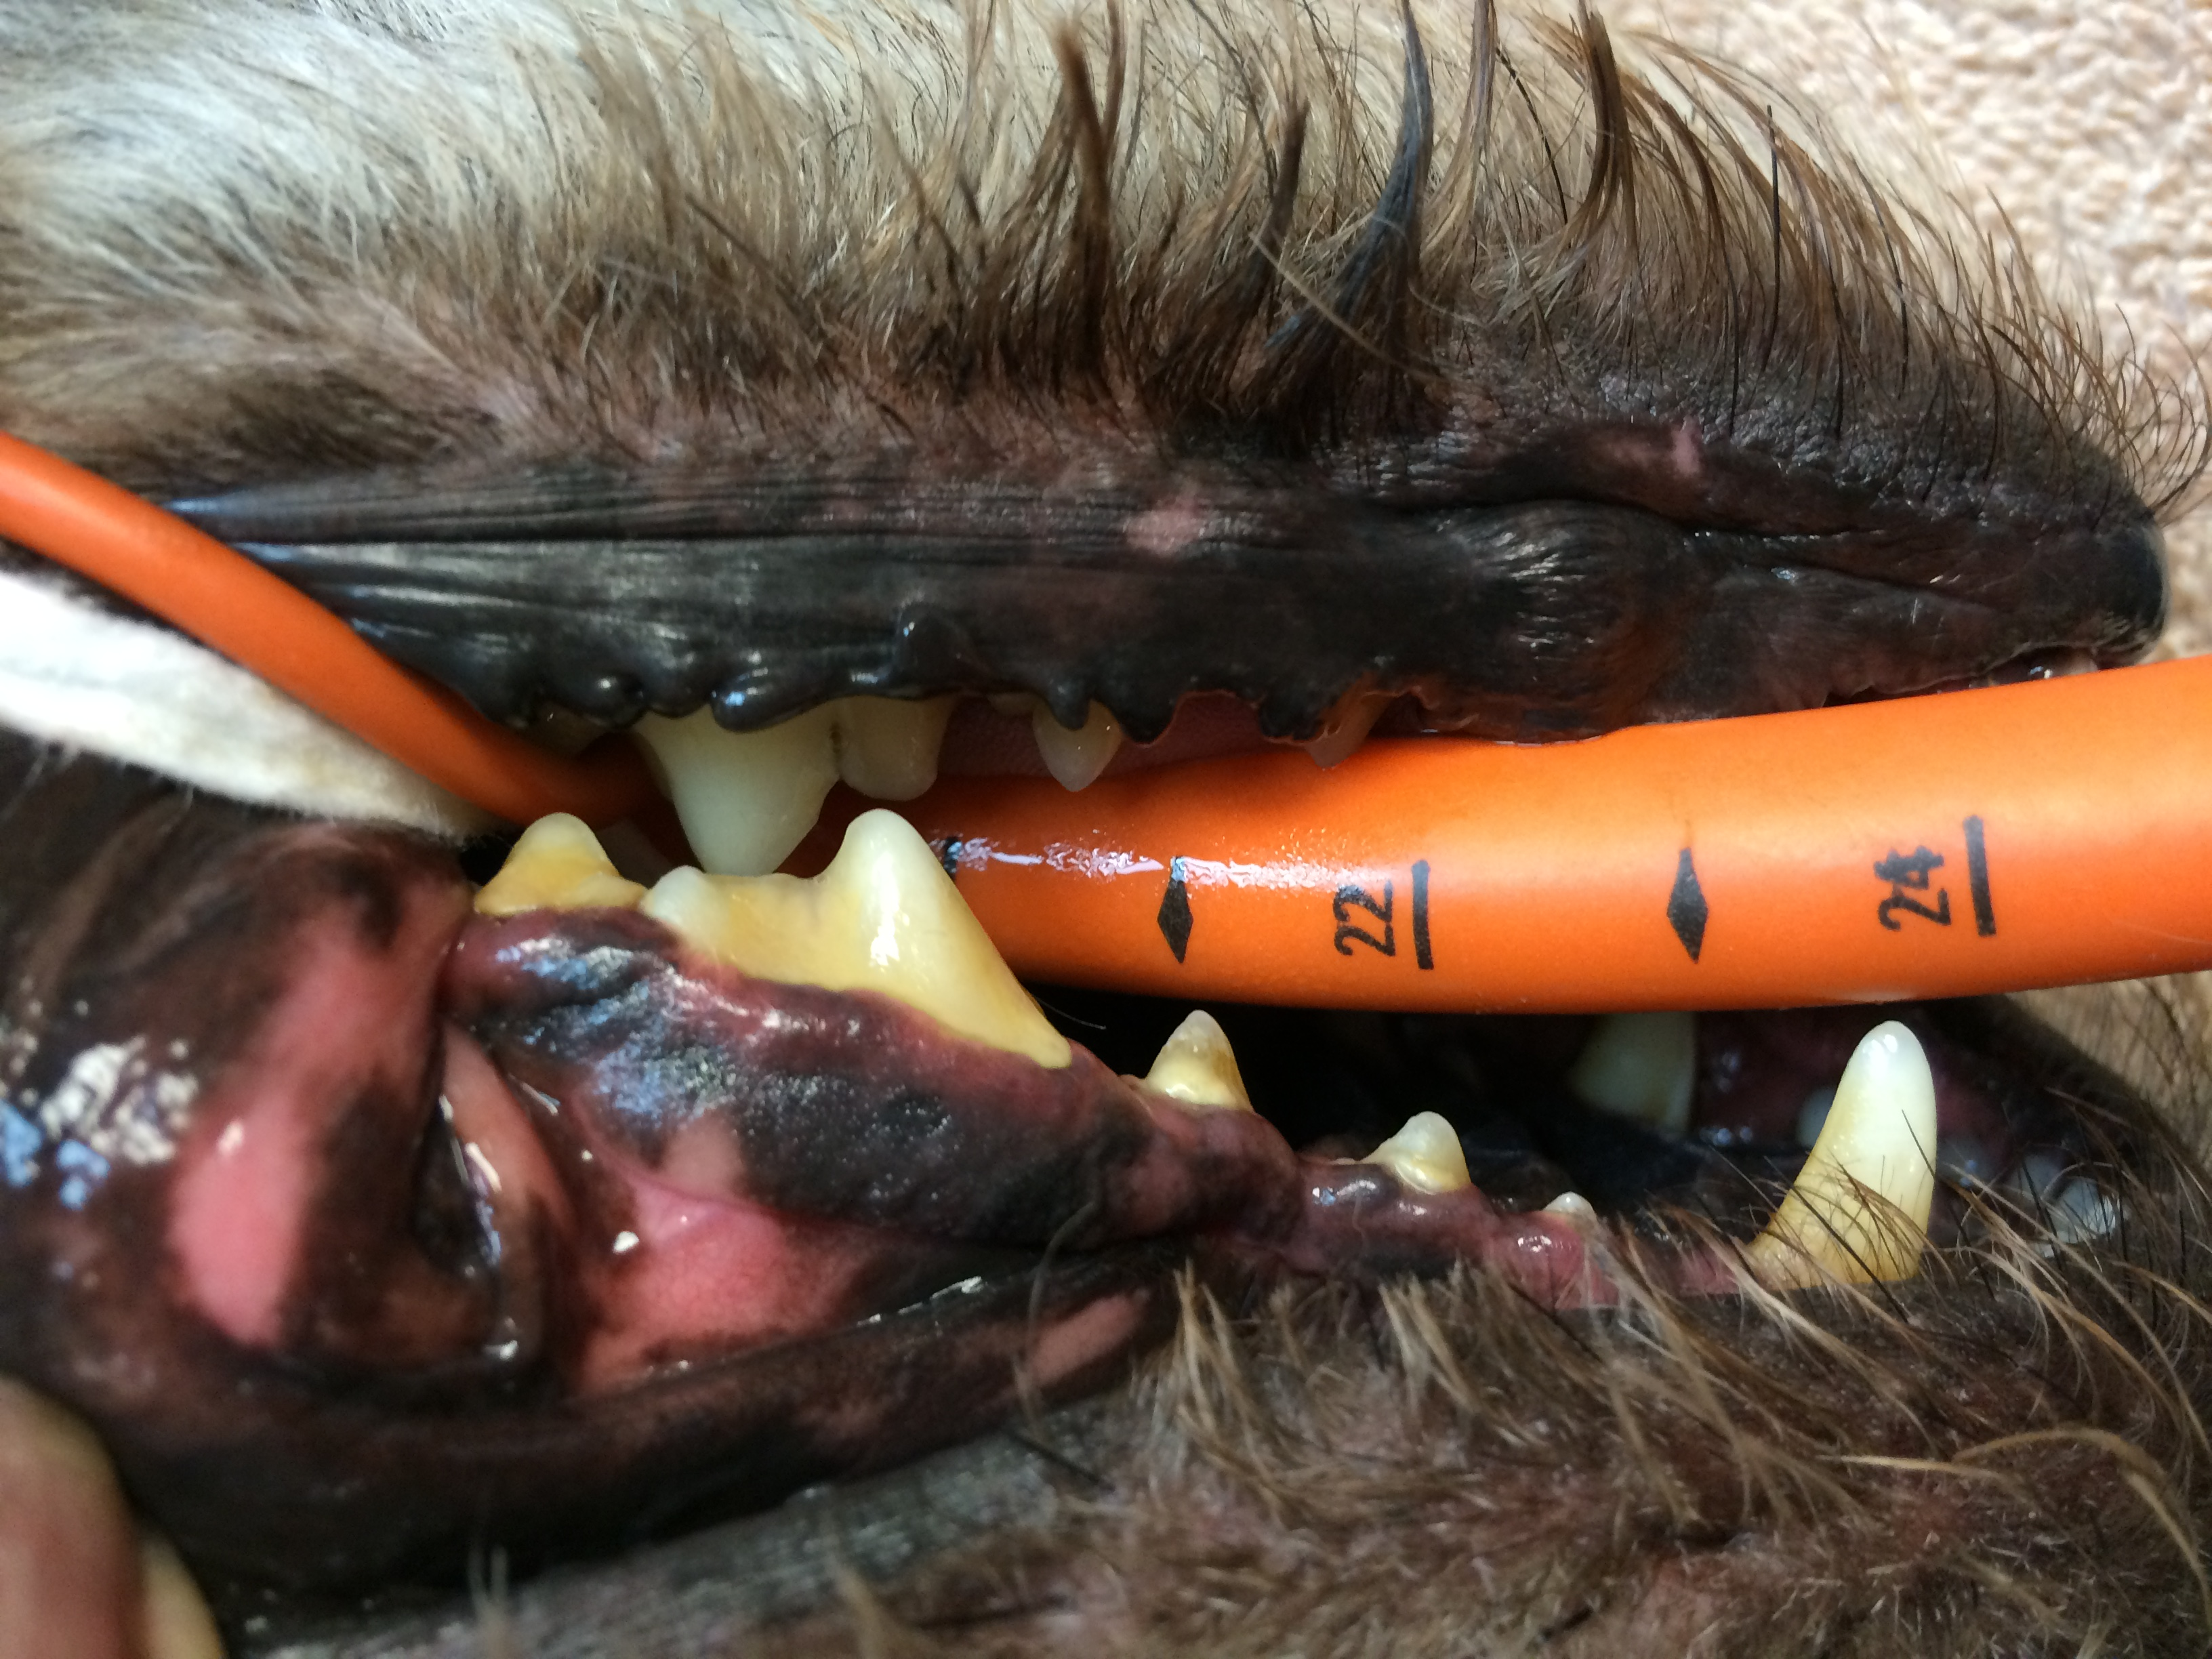 Pimpon avec de la plaque dentaire